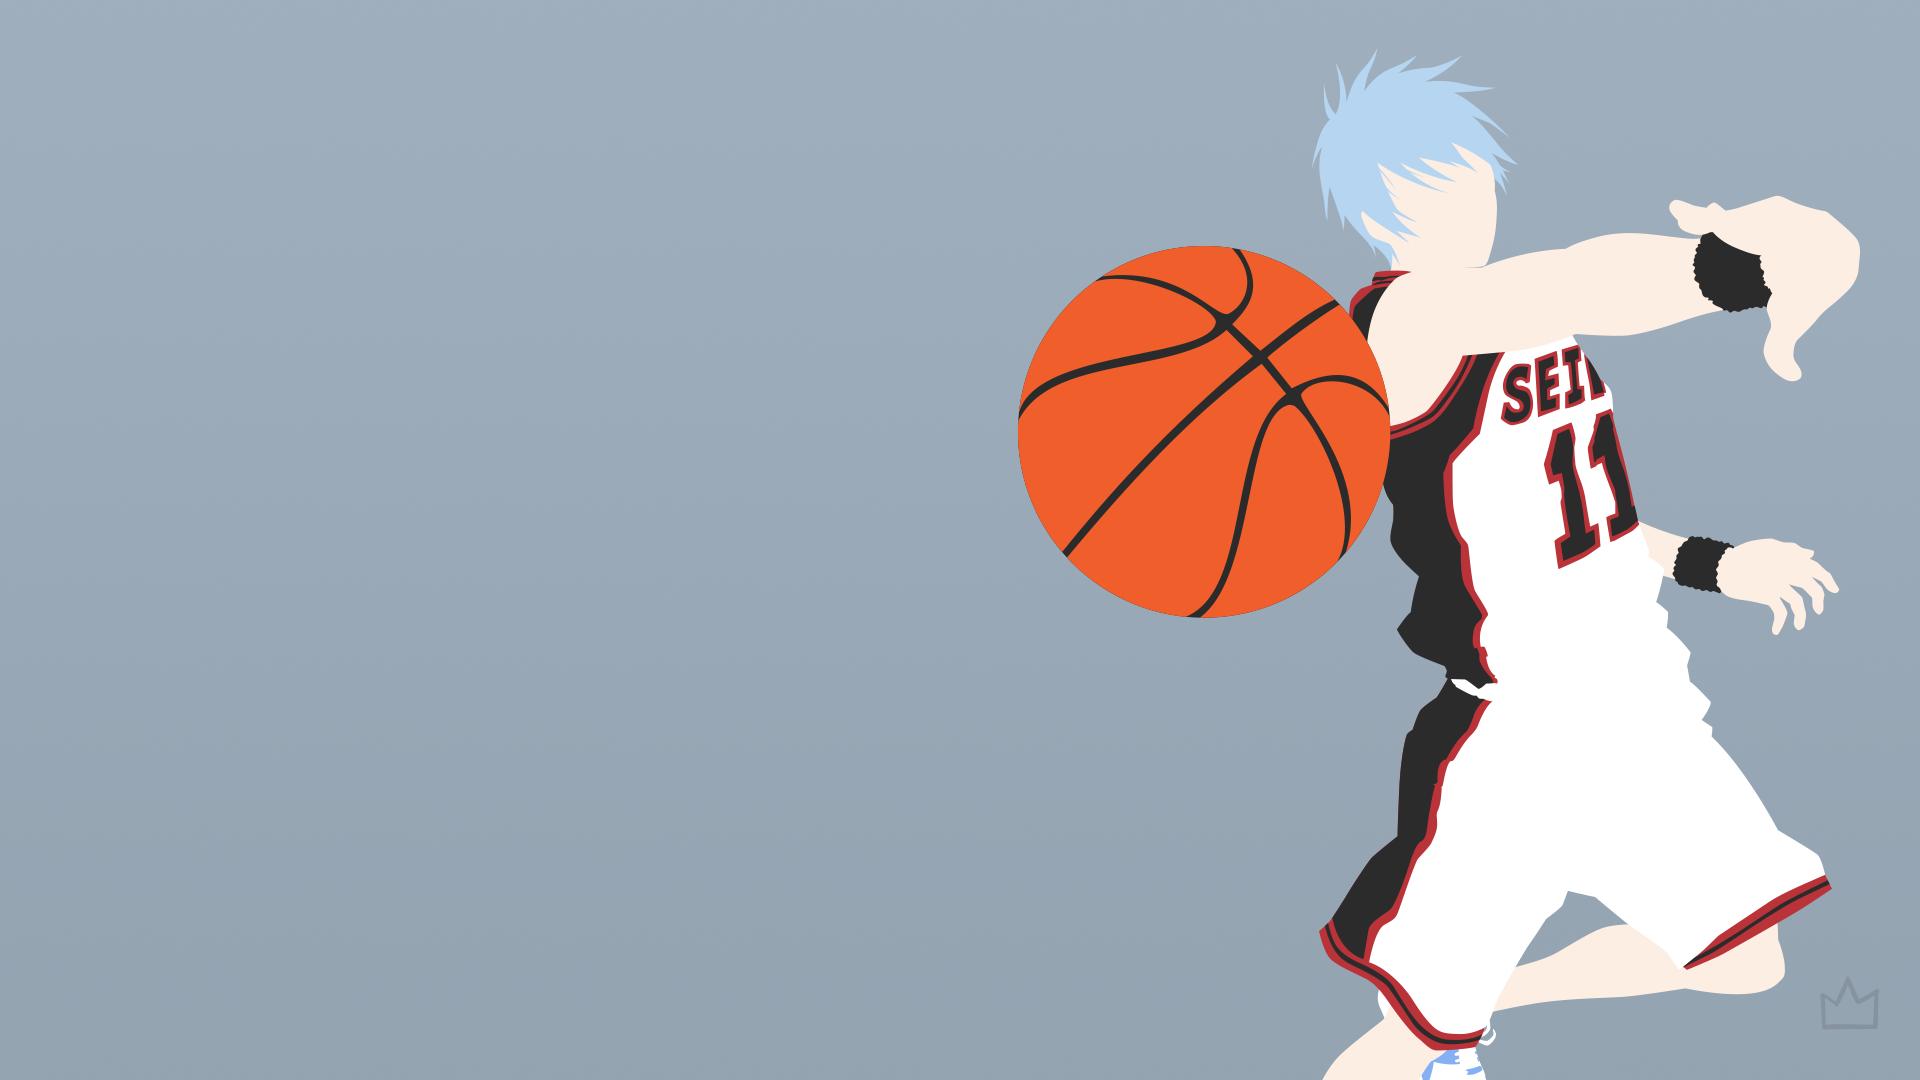 Kuroko No Basket Art Style : Kuroko tetsuya no basket by klikster on deviantart